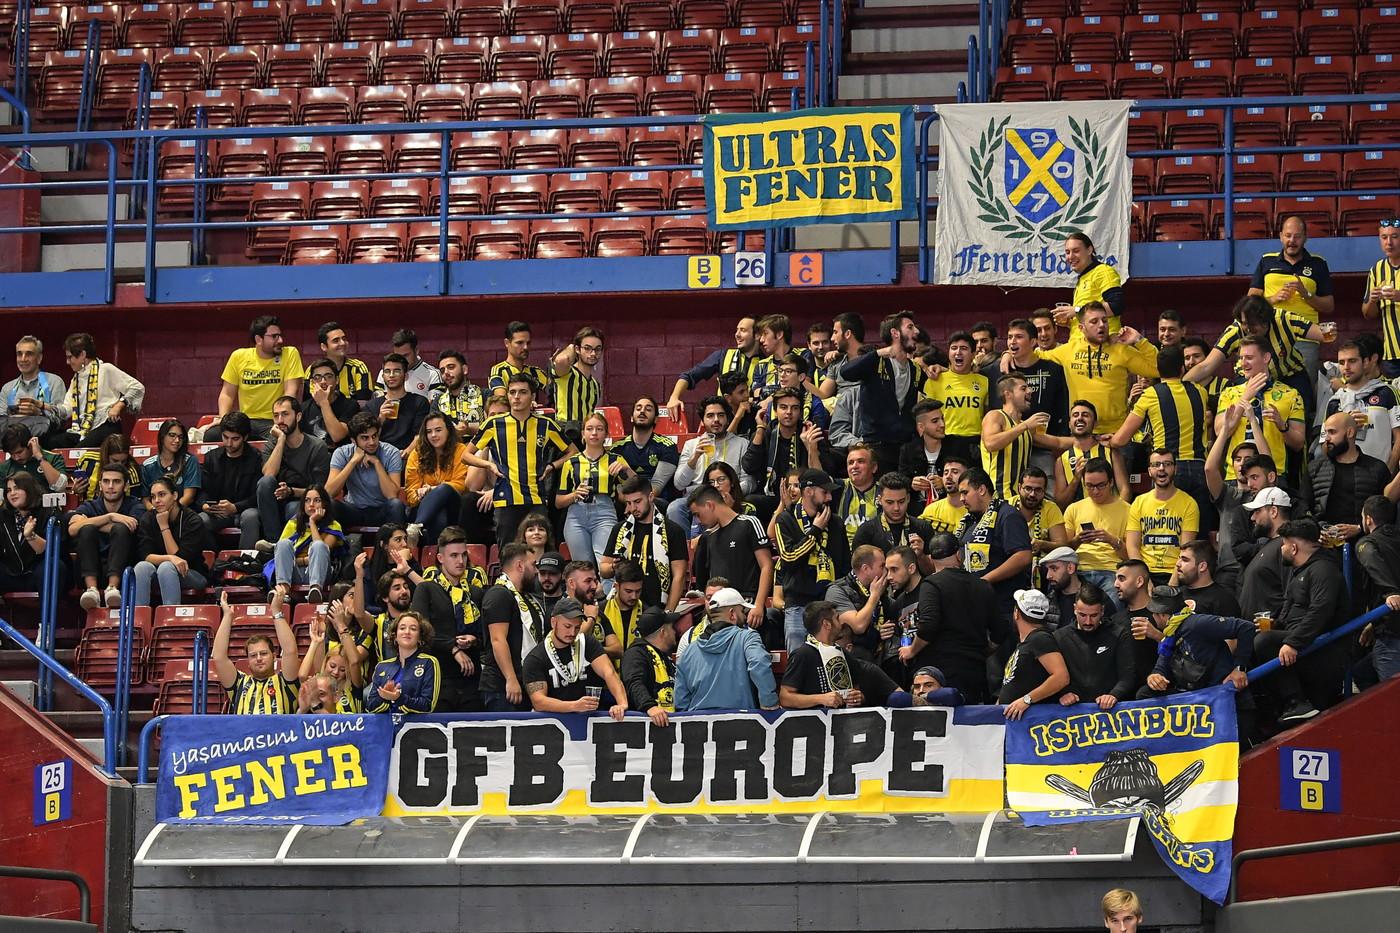 Al Forum Milano batte il Fenerbahce e continua la sua cavalcata